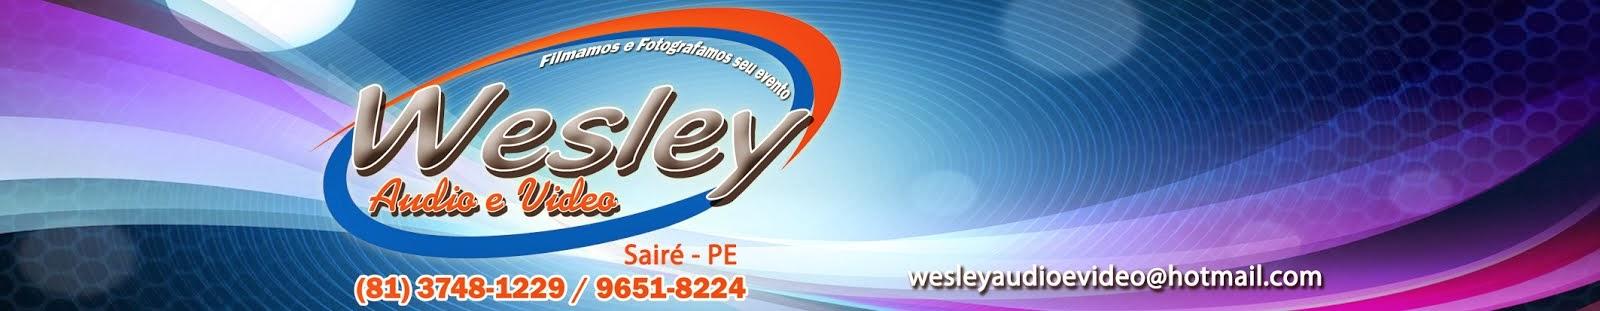 Wesley Audio e Video